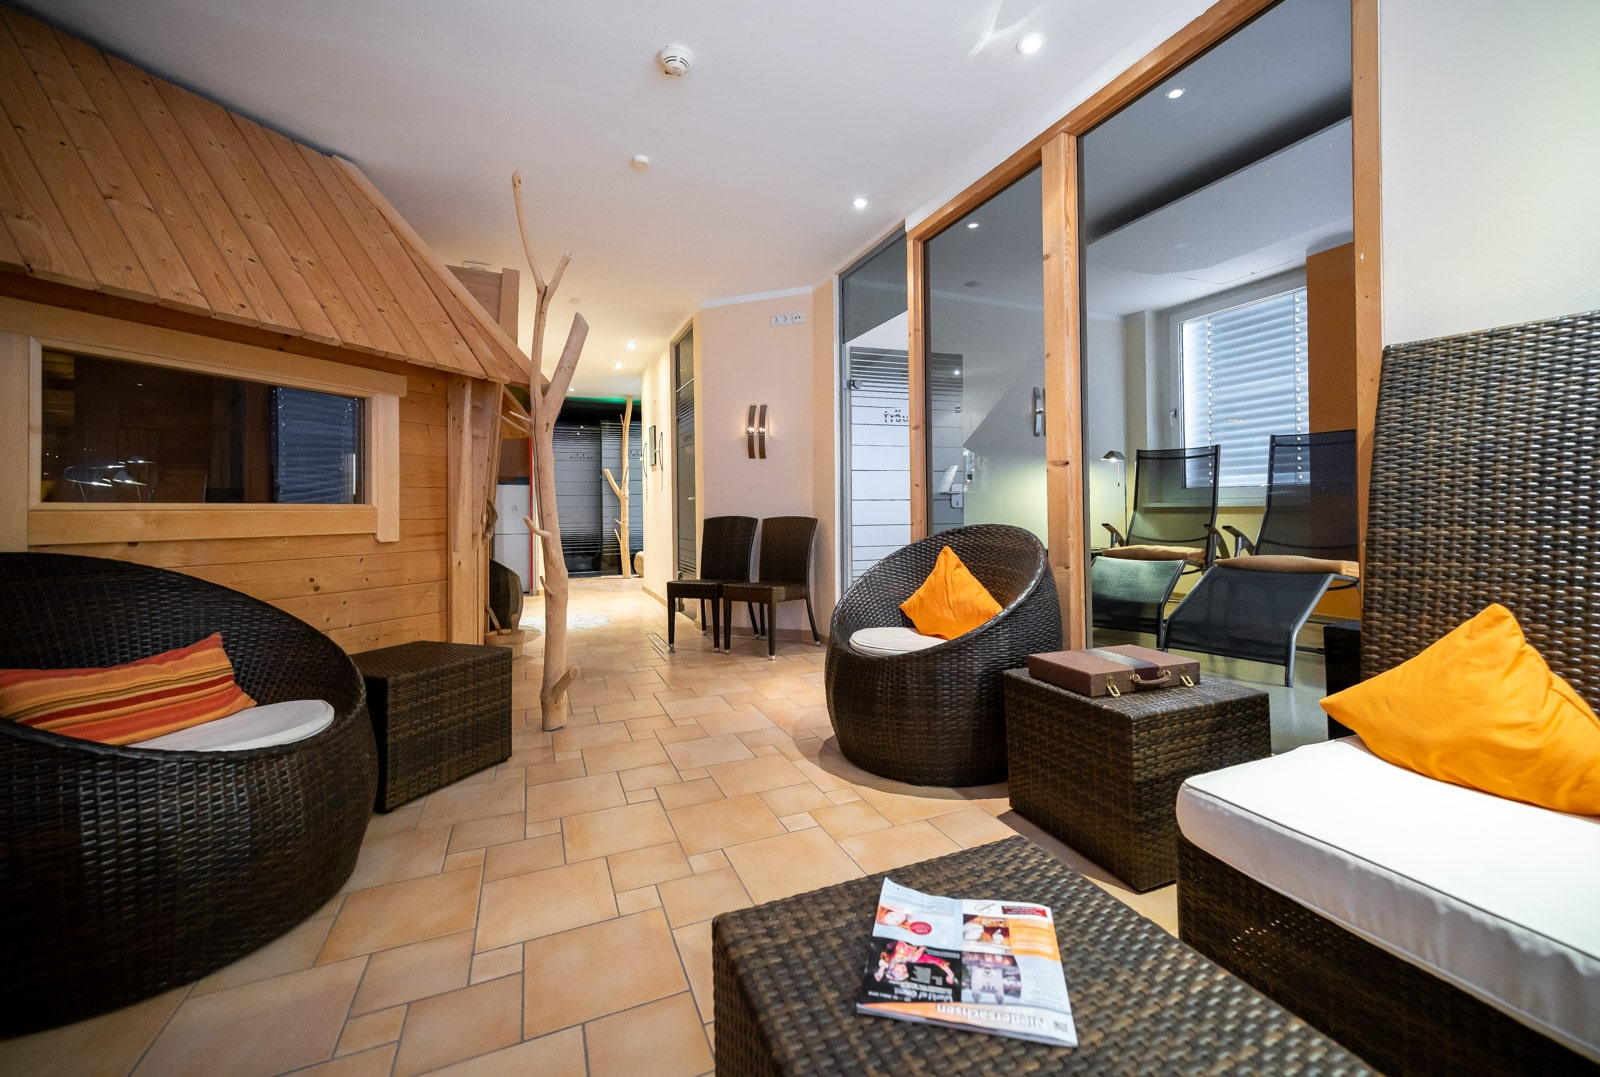 ANDERS-hotel-walsrode.jpg